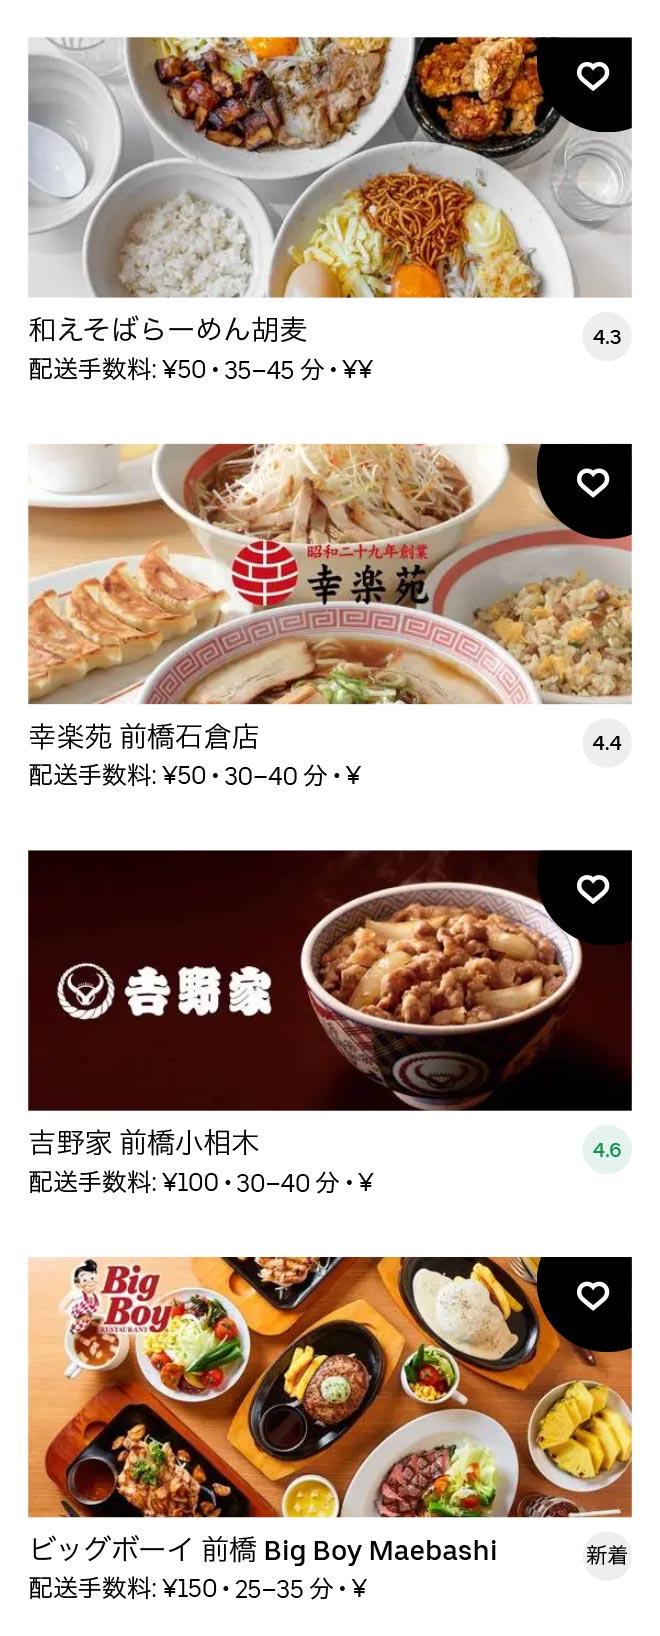 Shin maebashi menu 2012 03